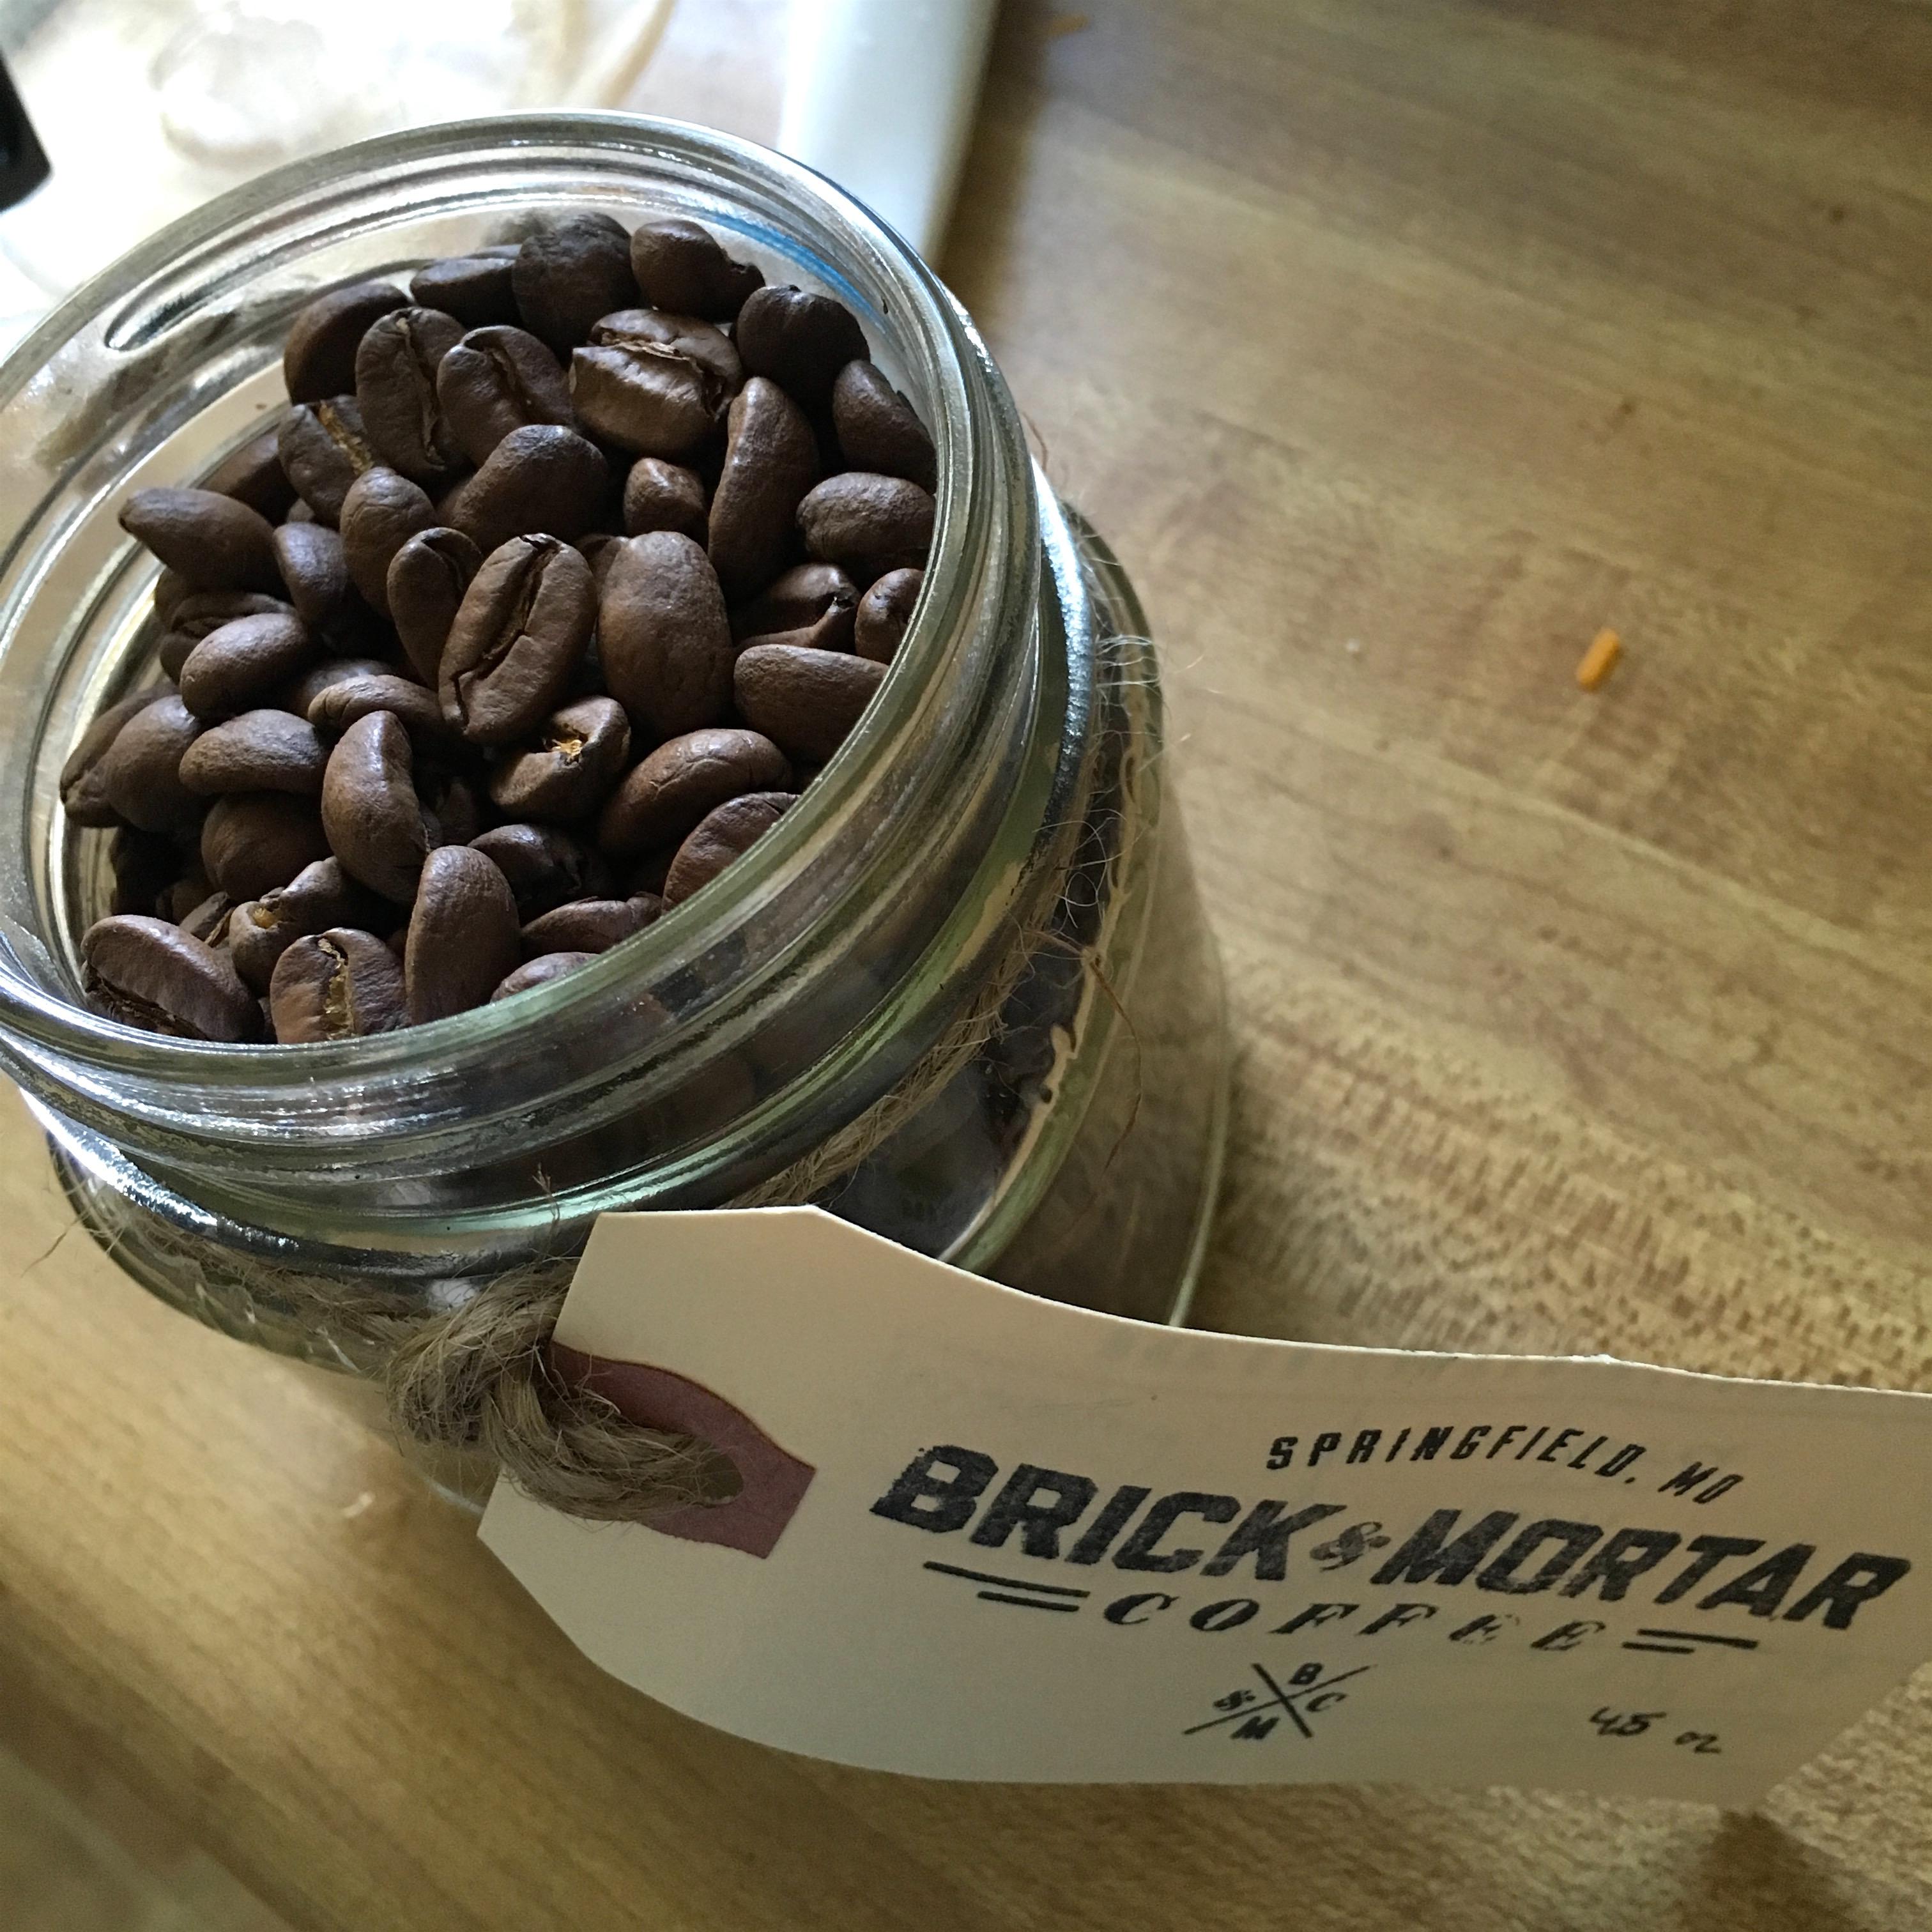 Brick & Mortar Coffee La Candelilla Gesha